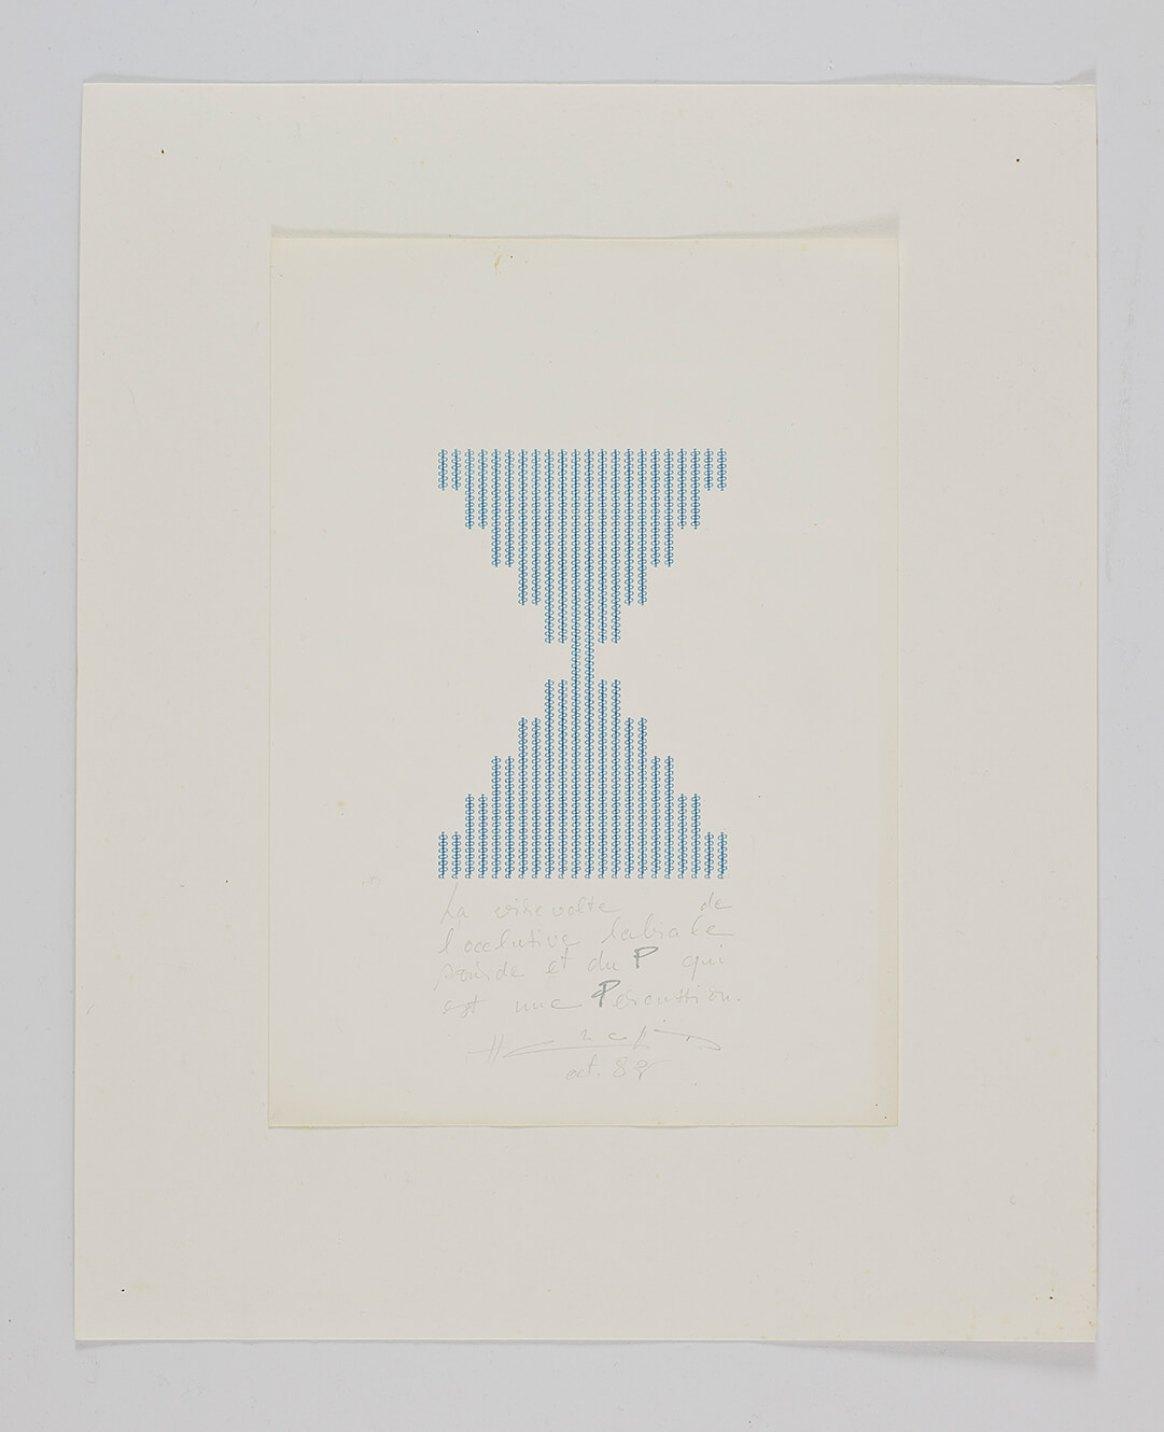 Henri Chopin, <em>La virevolte de lócclusive labiale sourde et du P qui est une Percussion</em>, 1982, ink on paper (typewritten poems), 29,7 × 21 cm - Mendes Wood DM